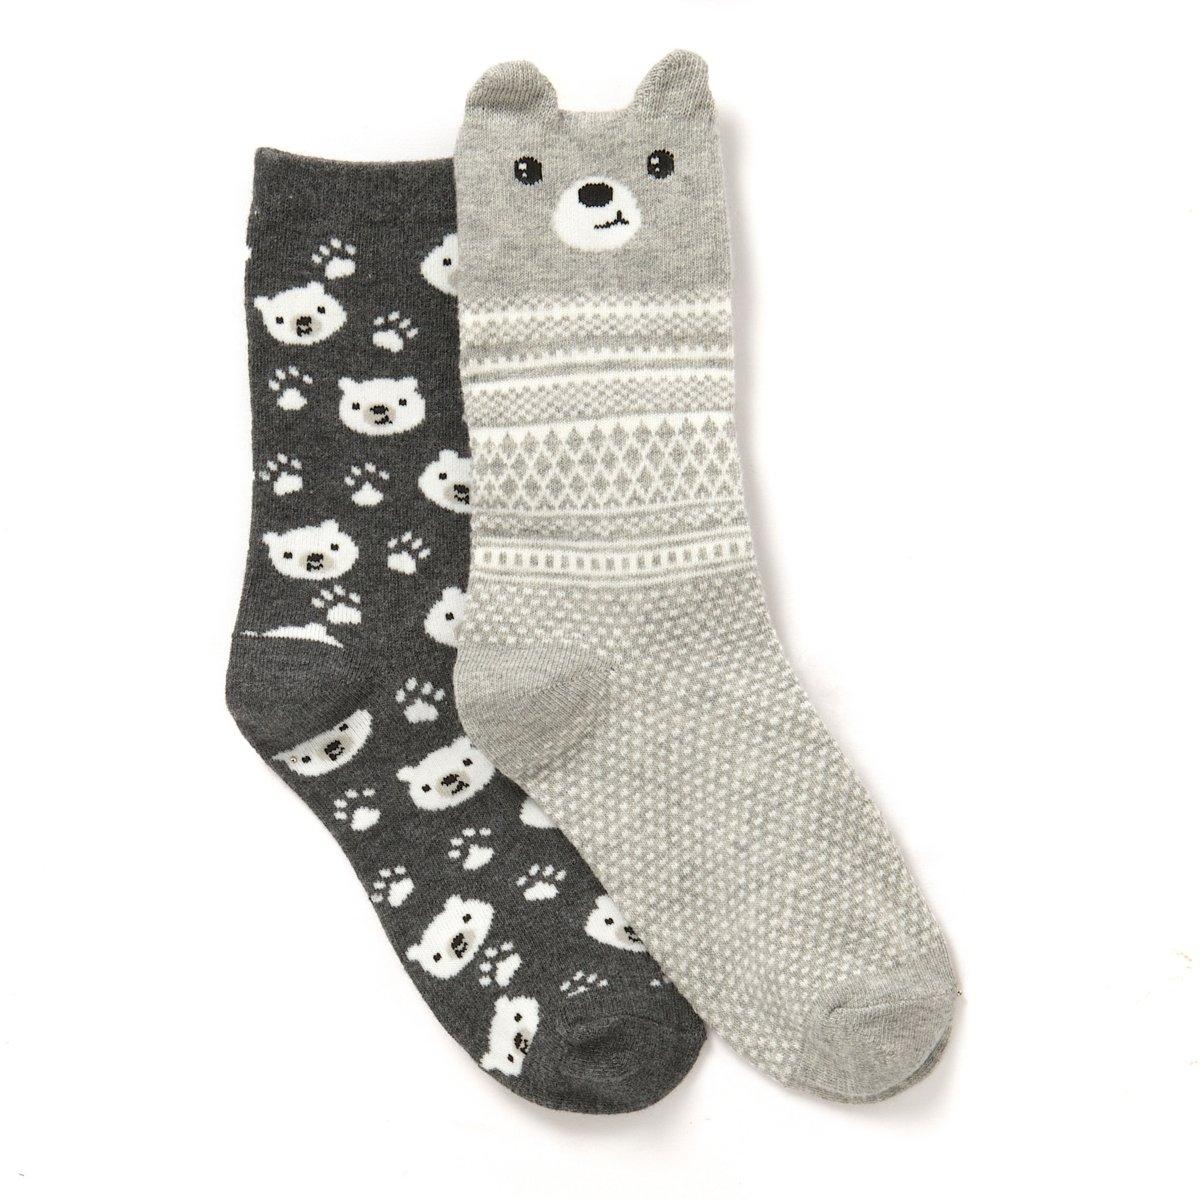 Носки фантазийные (2 пары)Носки с фантазийным рисунком медвежонок,  82% хлопка, 17% полиамида, 1% эластана.   2 пары в комплекте.<br><br>Цвет: набивной рисунок